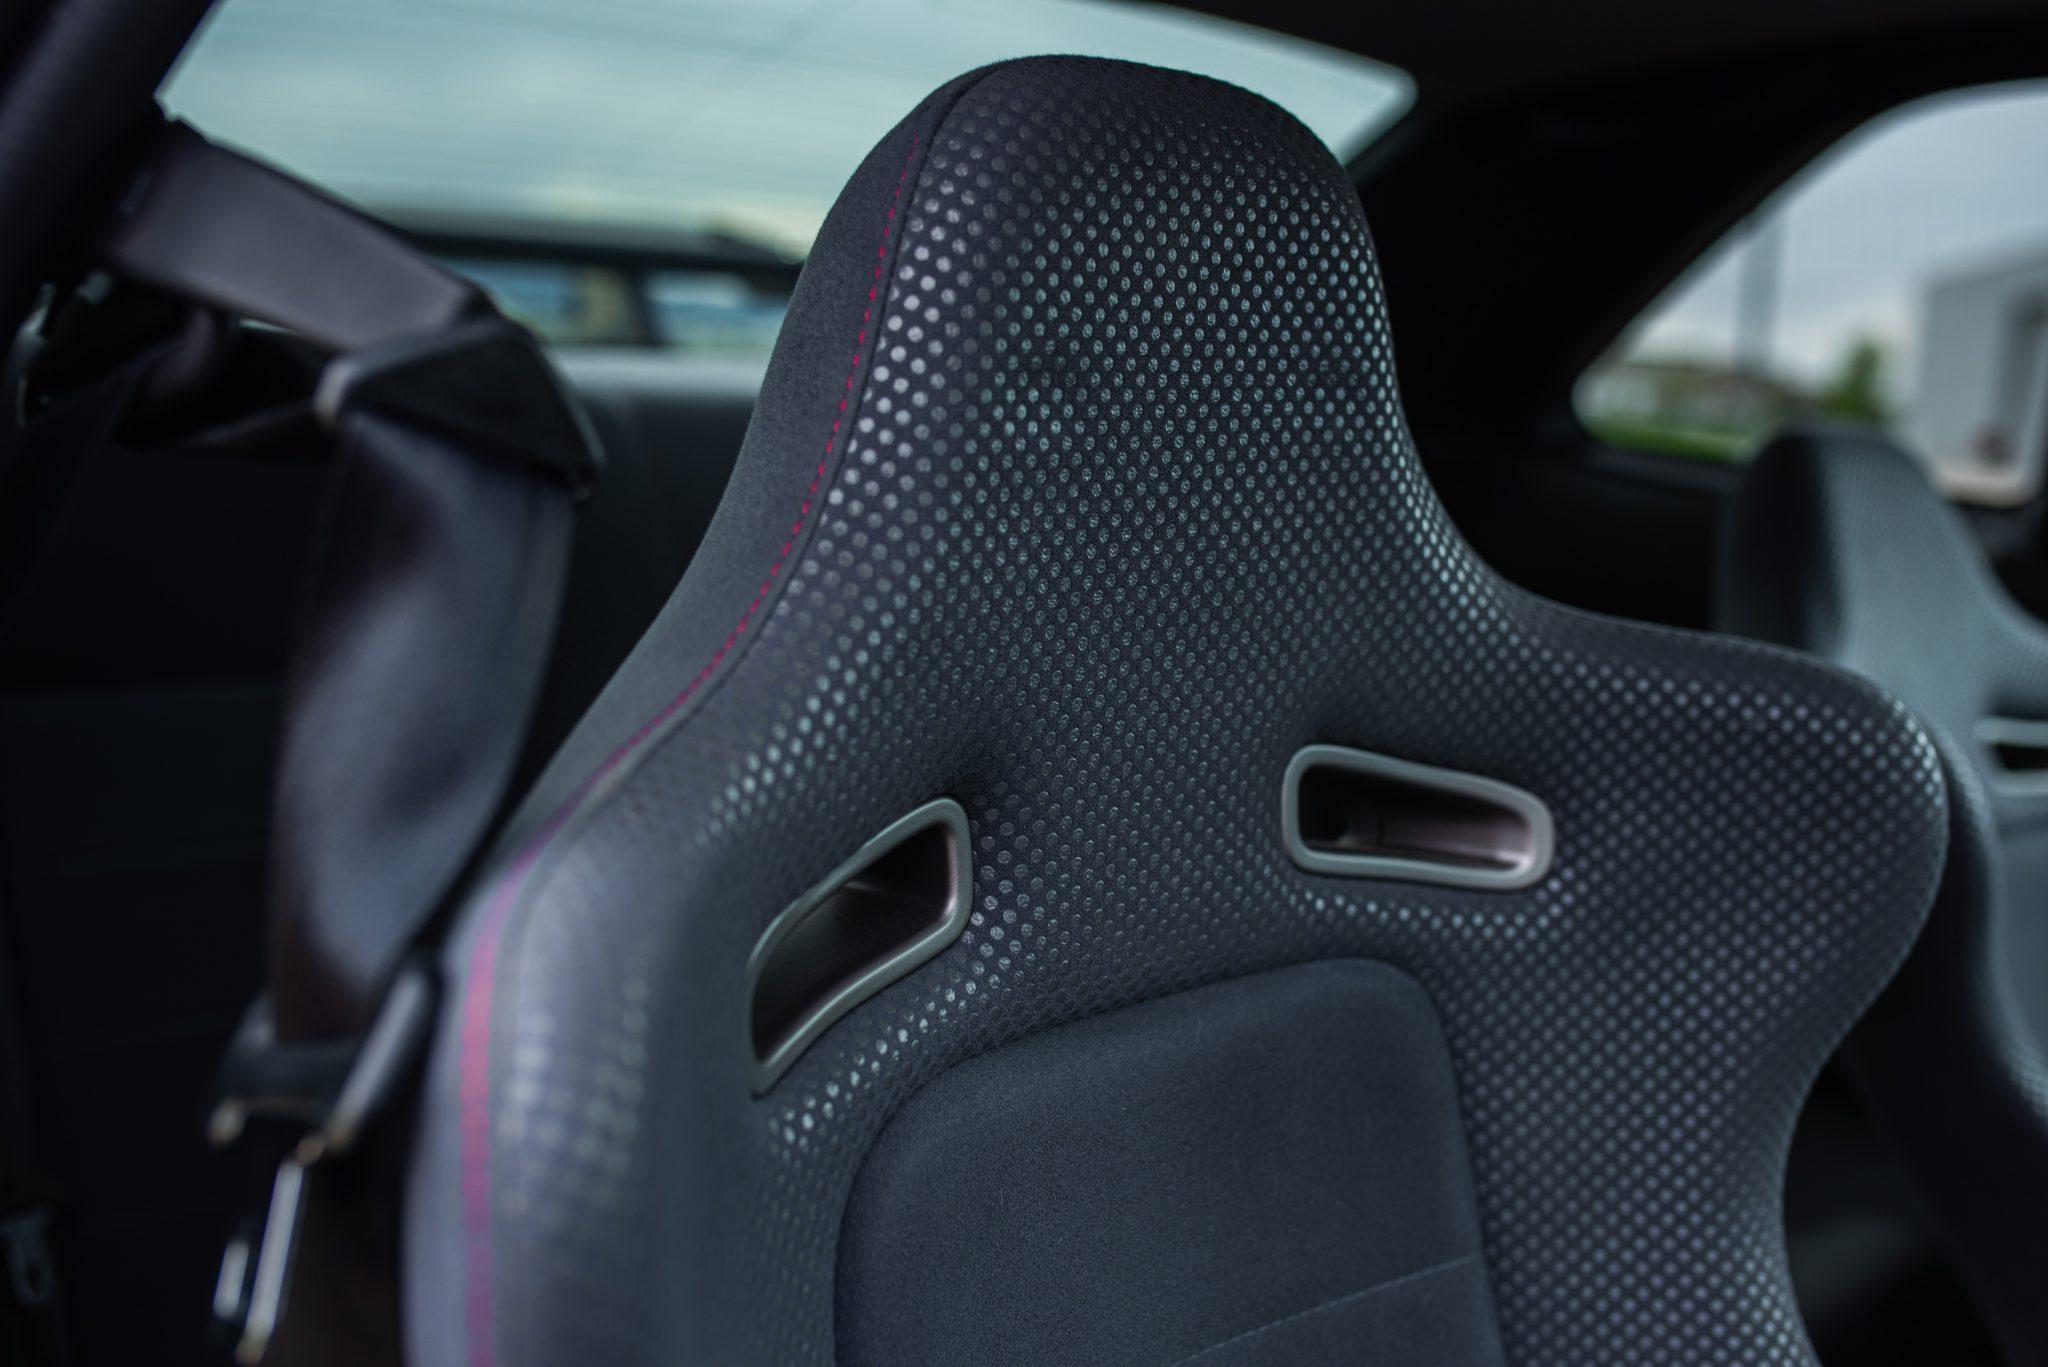 1999 Nissan Skyline GT-R V-Spec seat detail